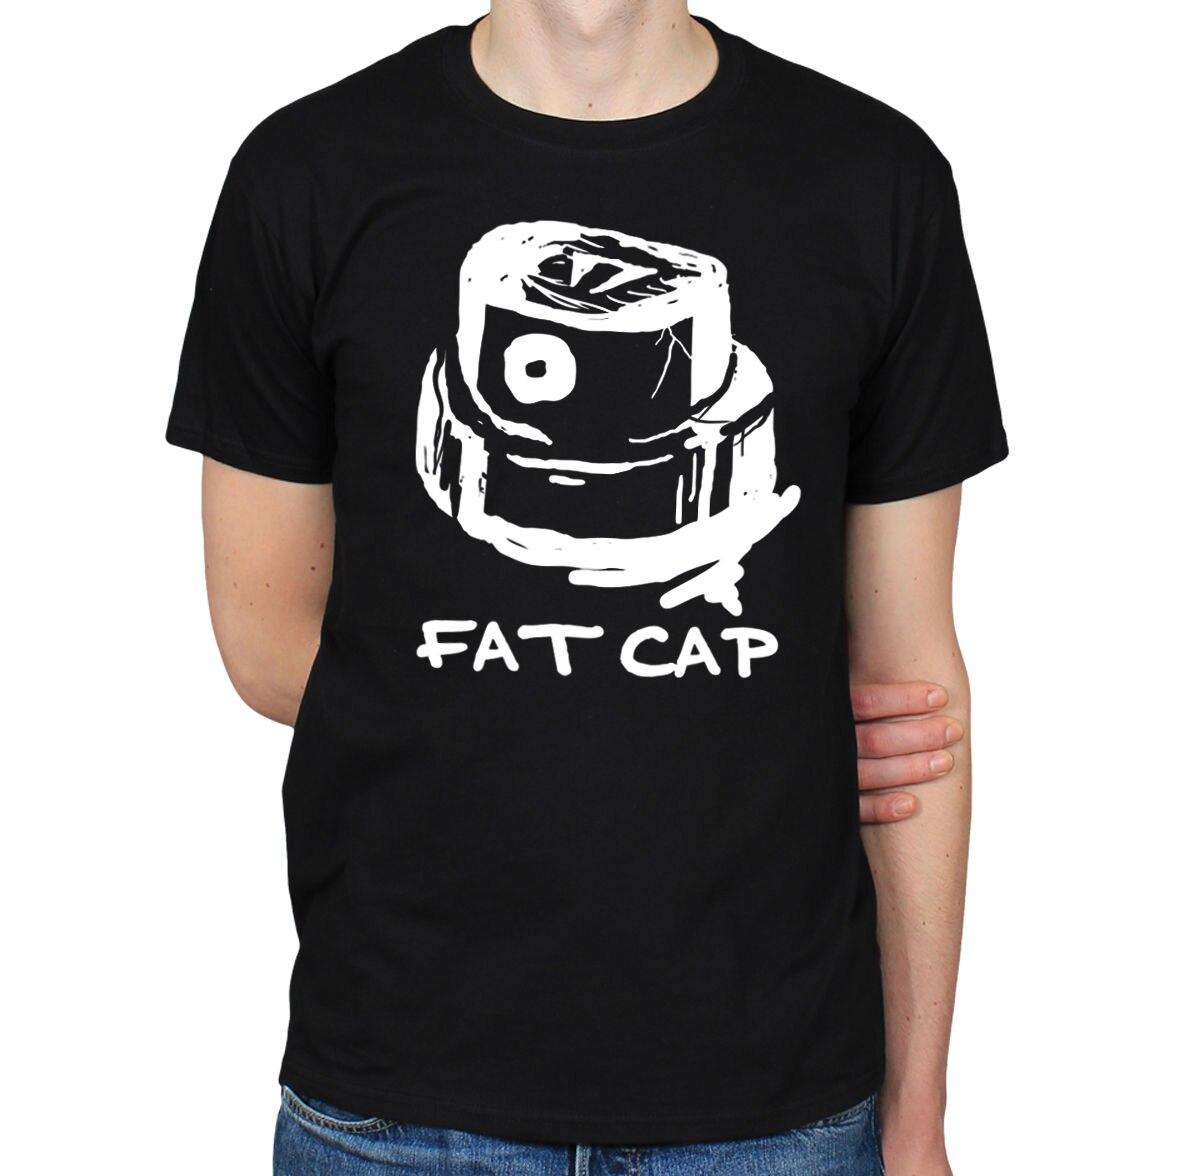 Футболка с толстой кепкой, разбрызгивающая граффити, уличное искусство, разбивание, футболка с изображением сцены футболка, высокое качест...